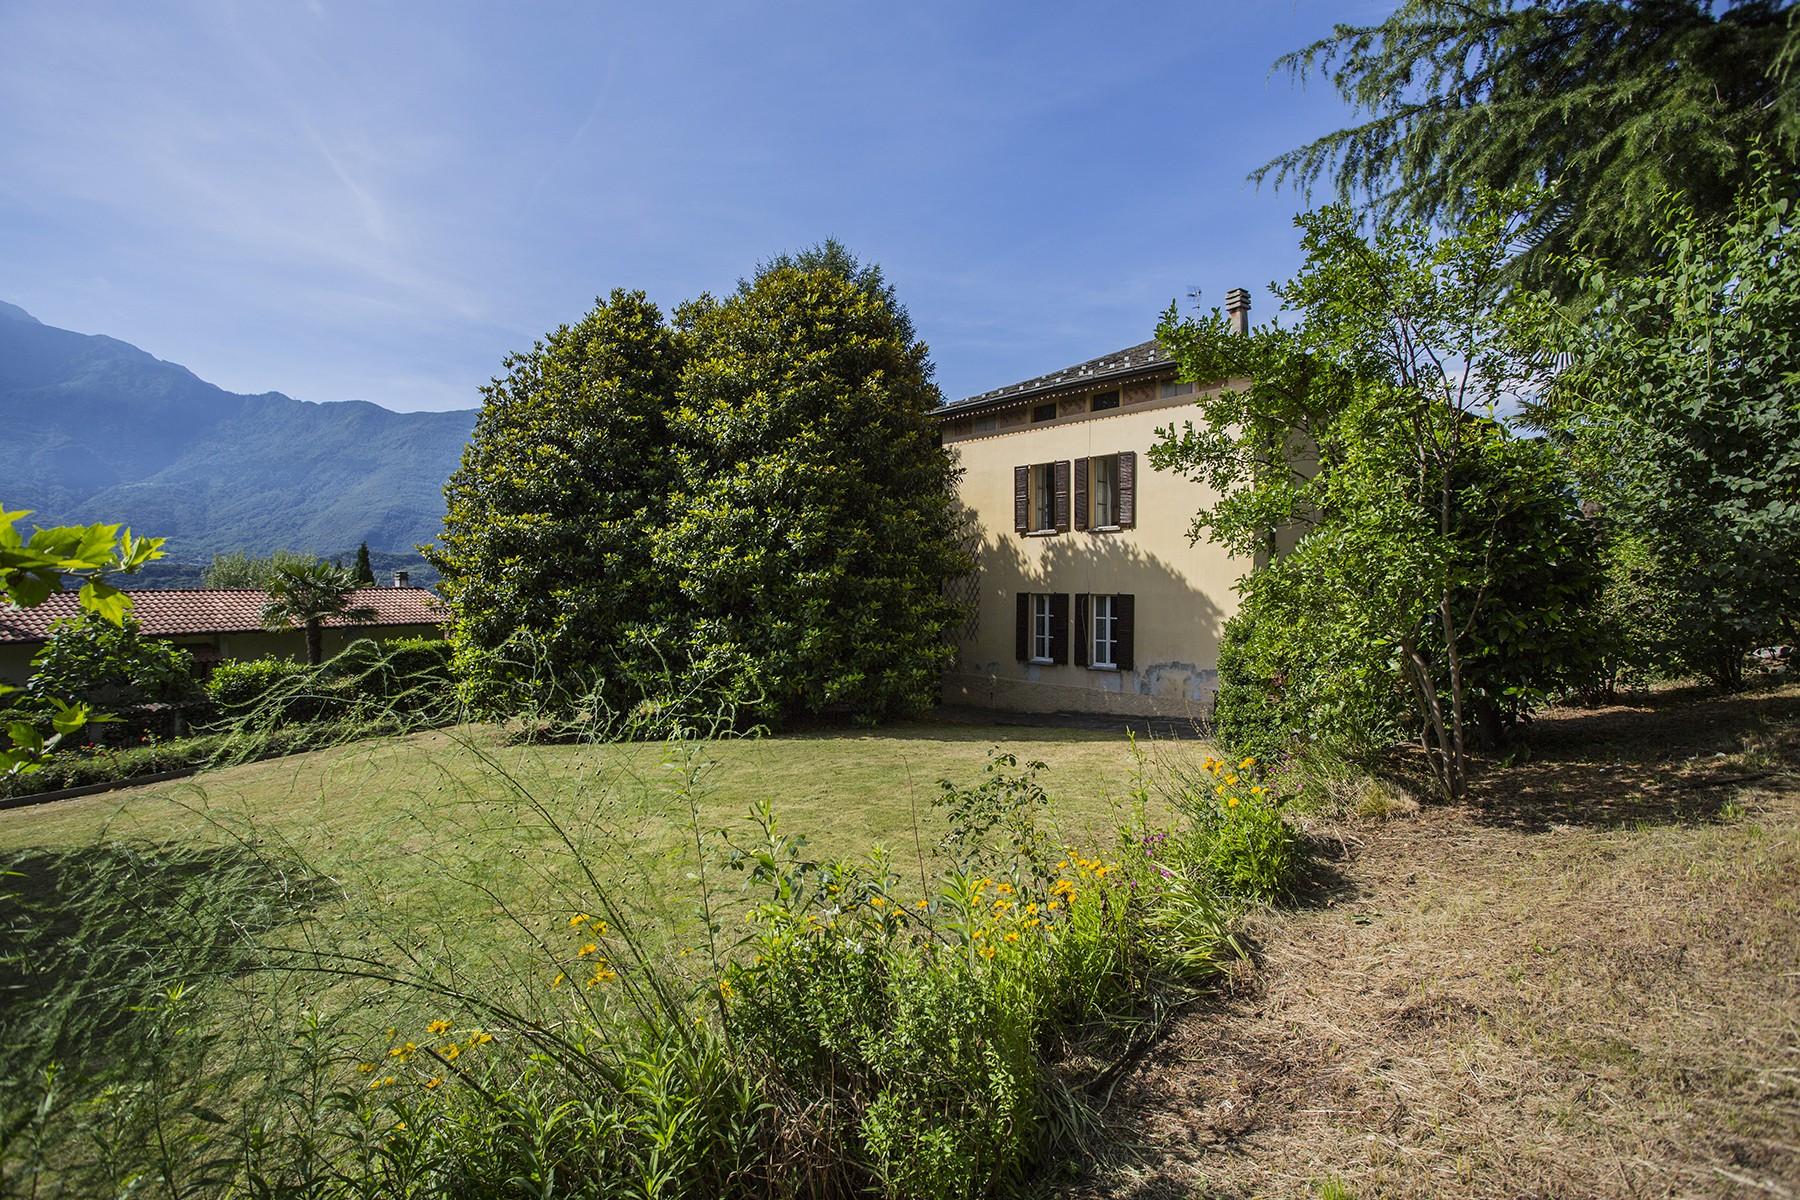 Villa in Vendita a Vercana: 5 locali, 300 mq - Foto 4